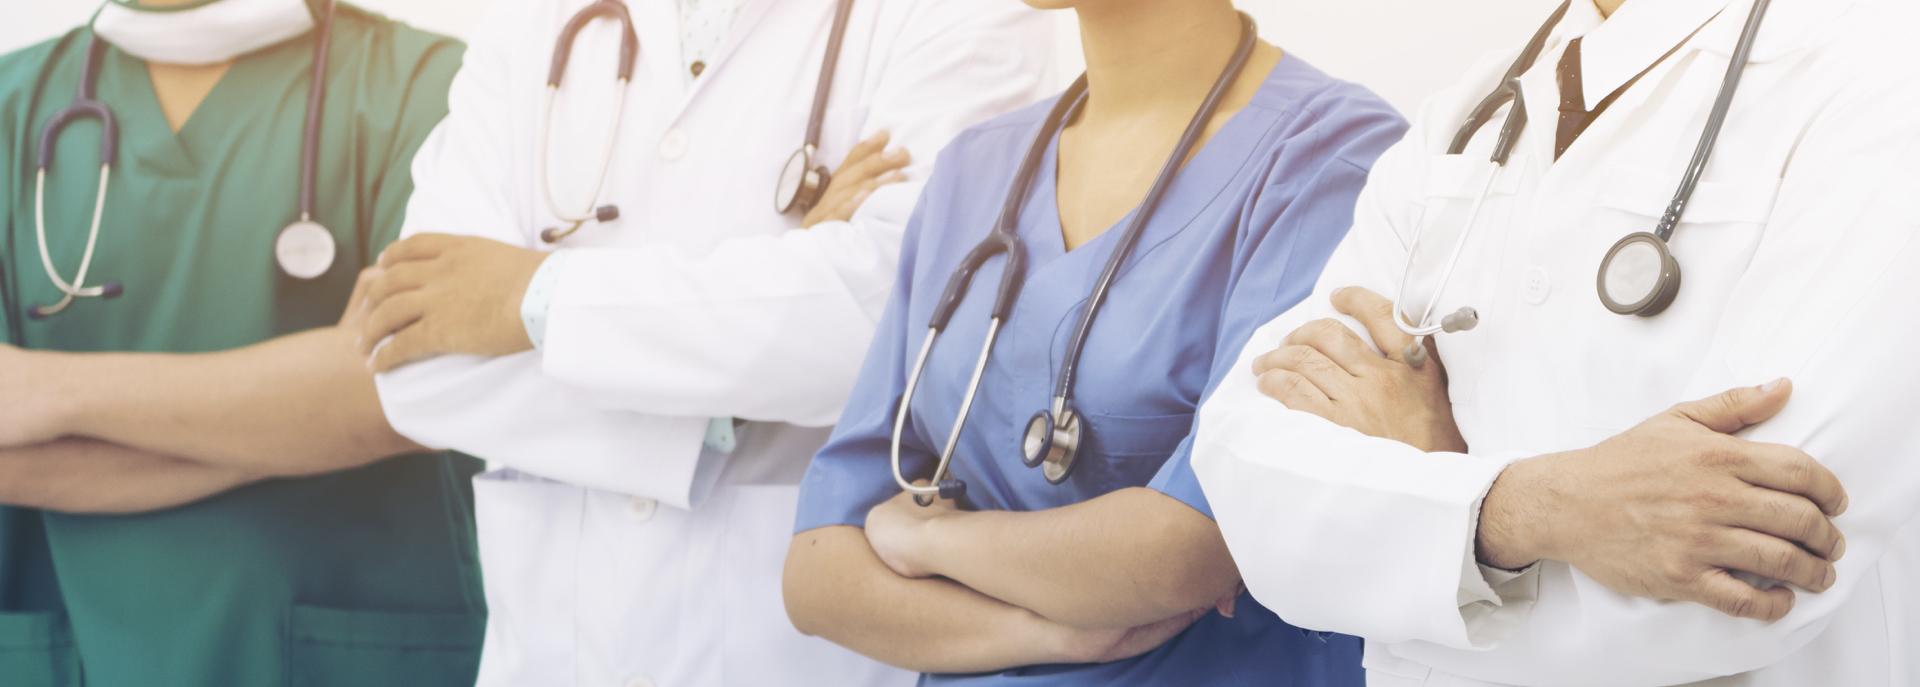 Emergenza Covid-19: i ringraziamenti di Fra Massimo Villa a tutti gli operatori sanitari